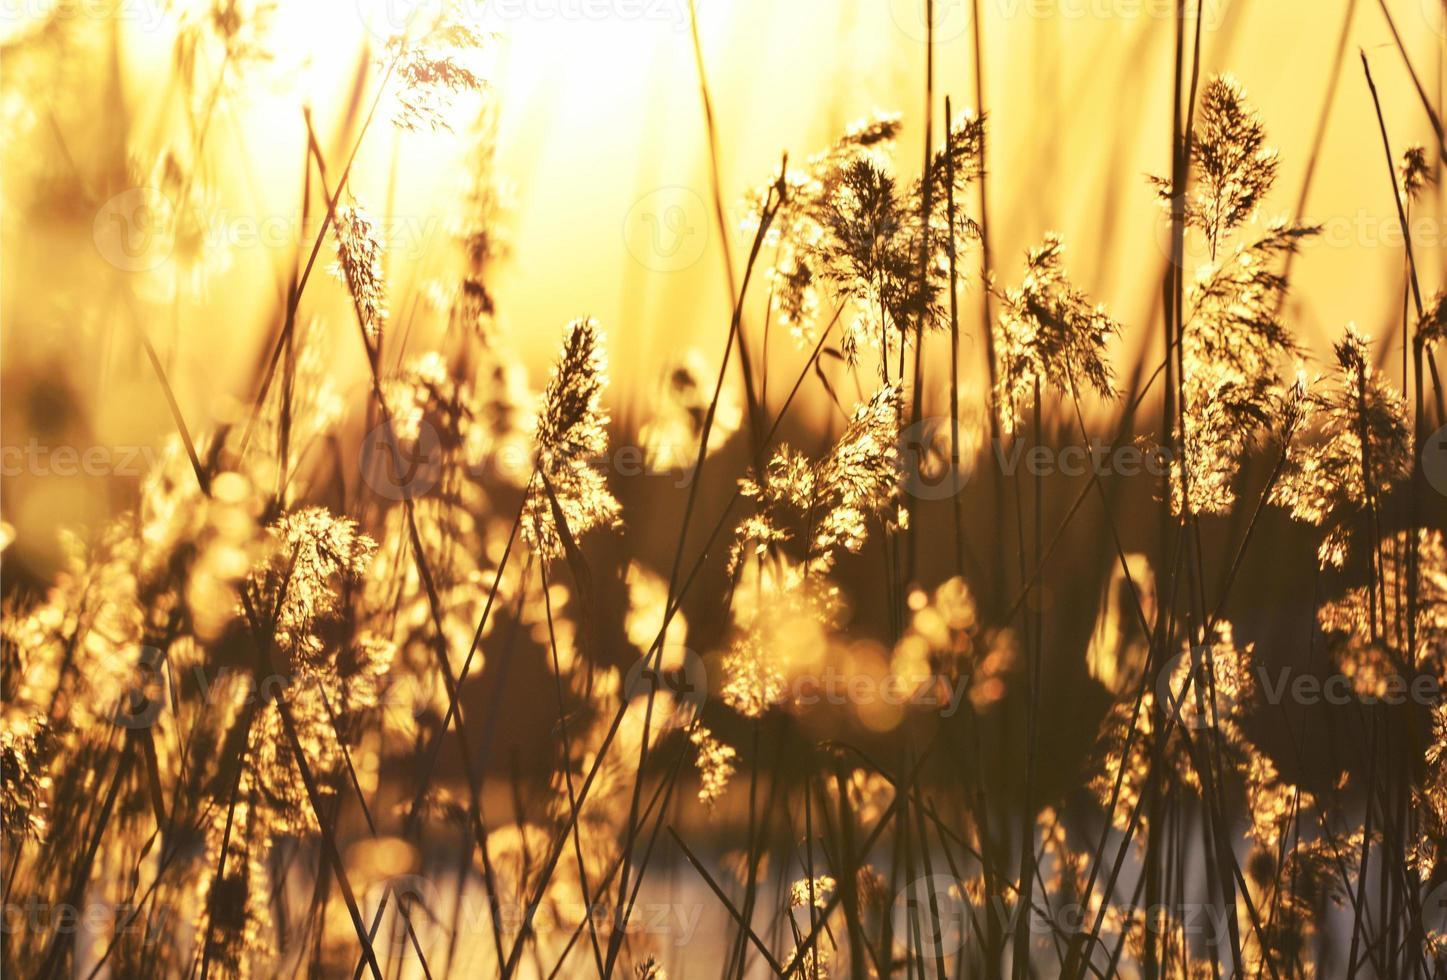 bulbush na luz quente do sol foto